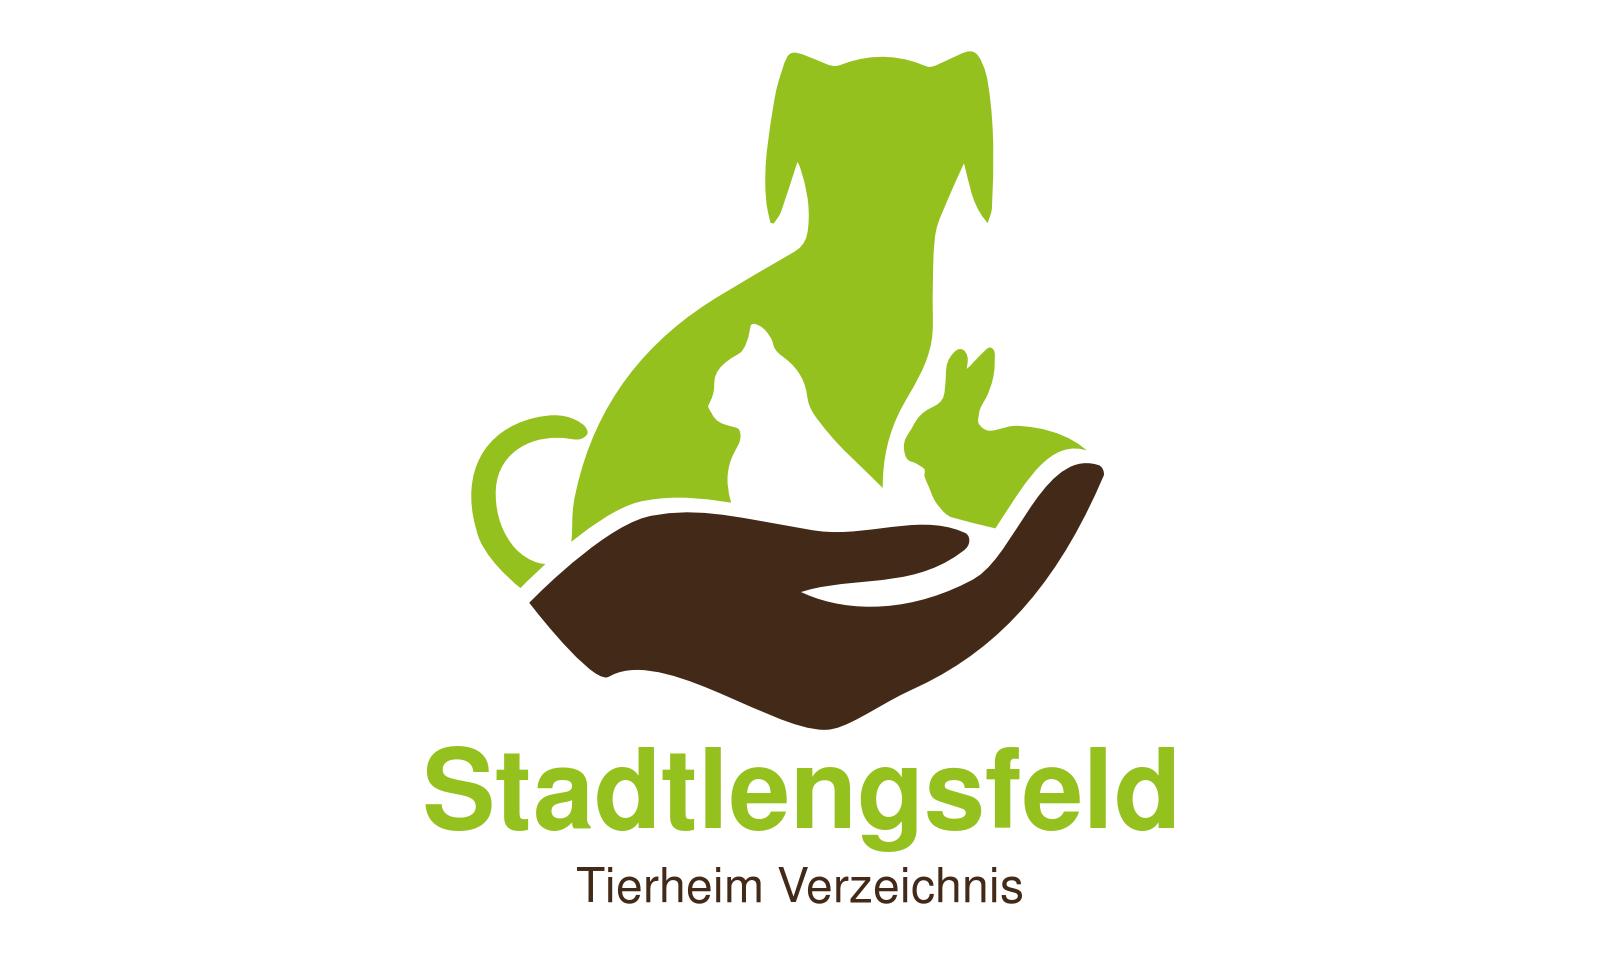 Tierheim Stadtlengsfeld